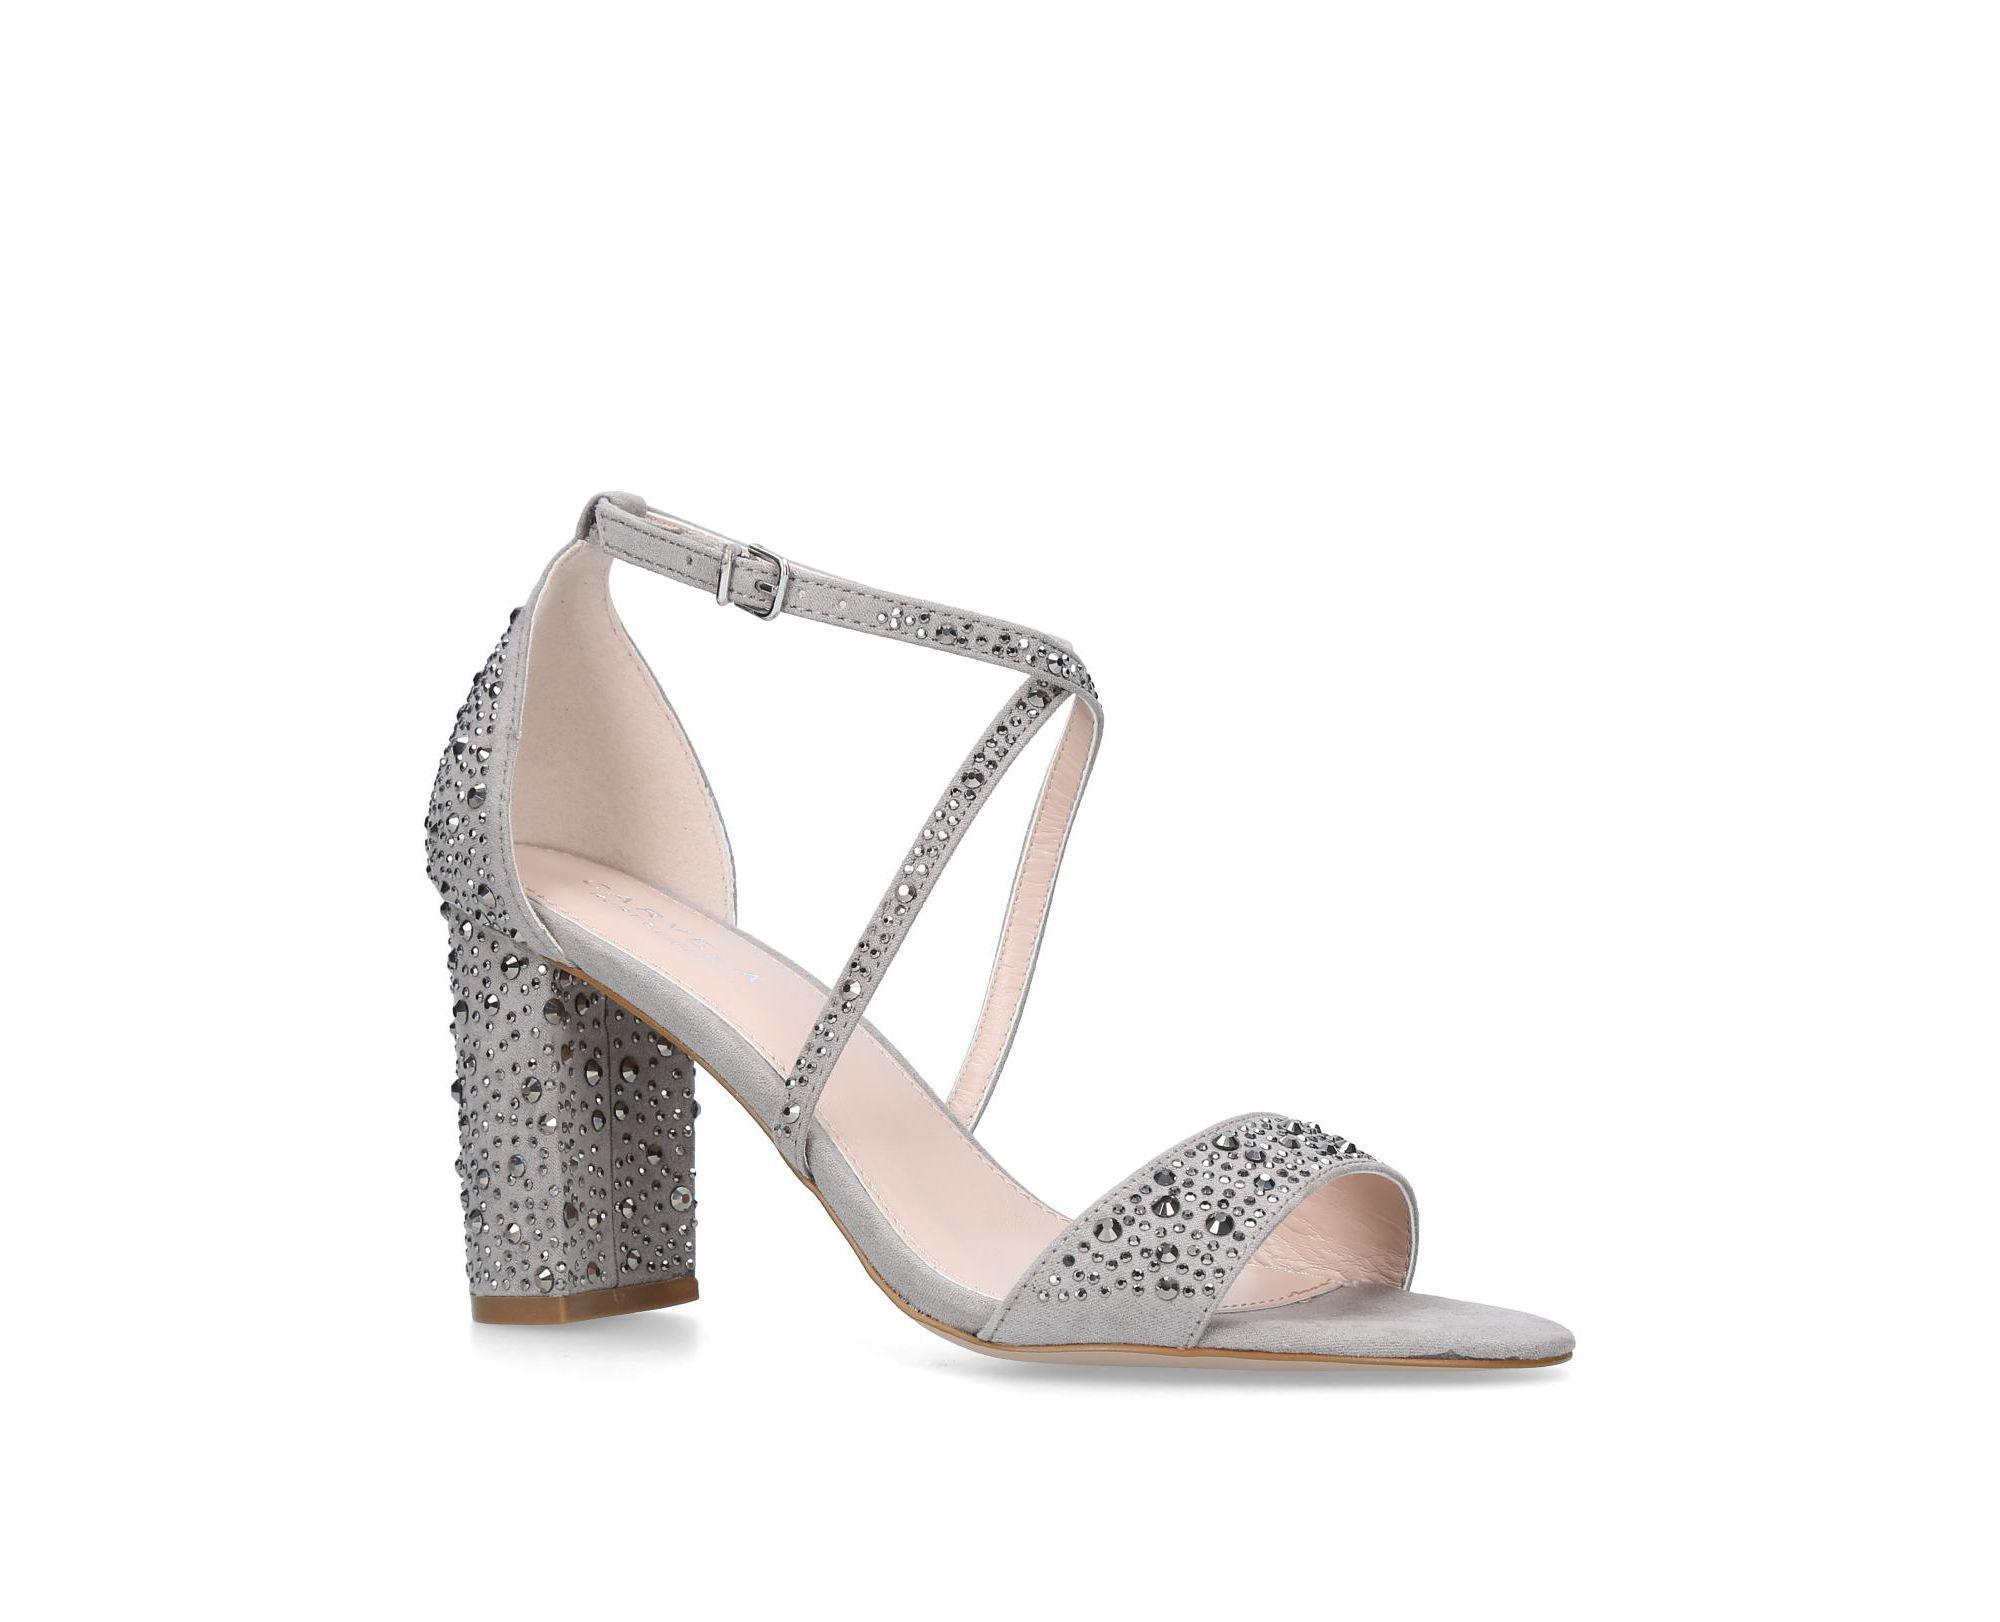 1a868f0f922 Carvela Kurt Geiger Grey  loyalty  Mid Heel Sandals in Gray - Lyst